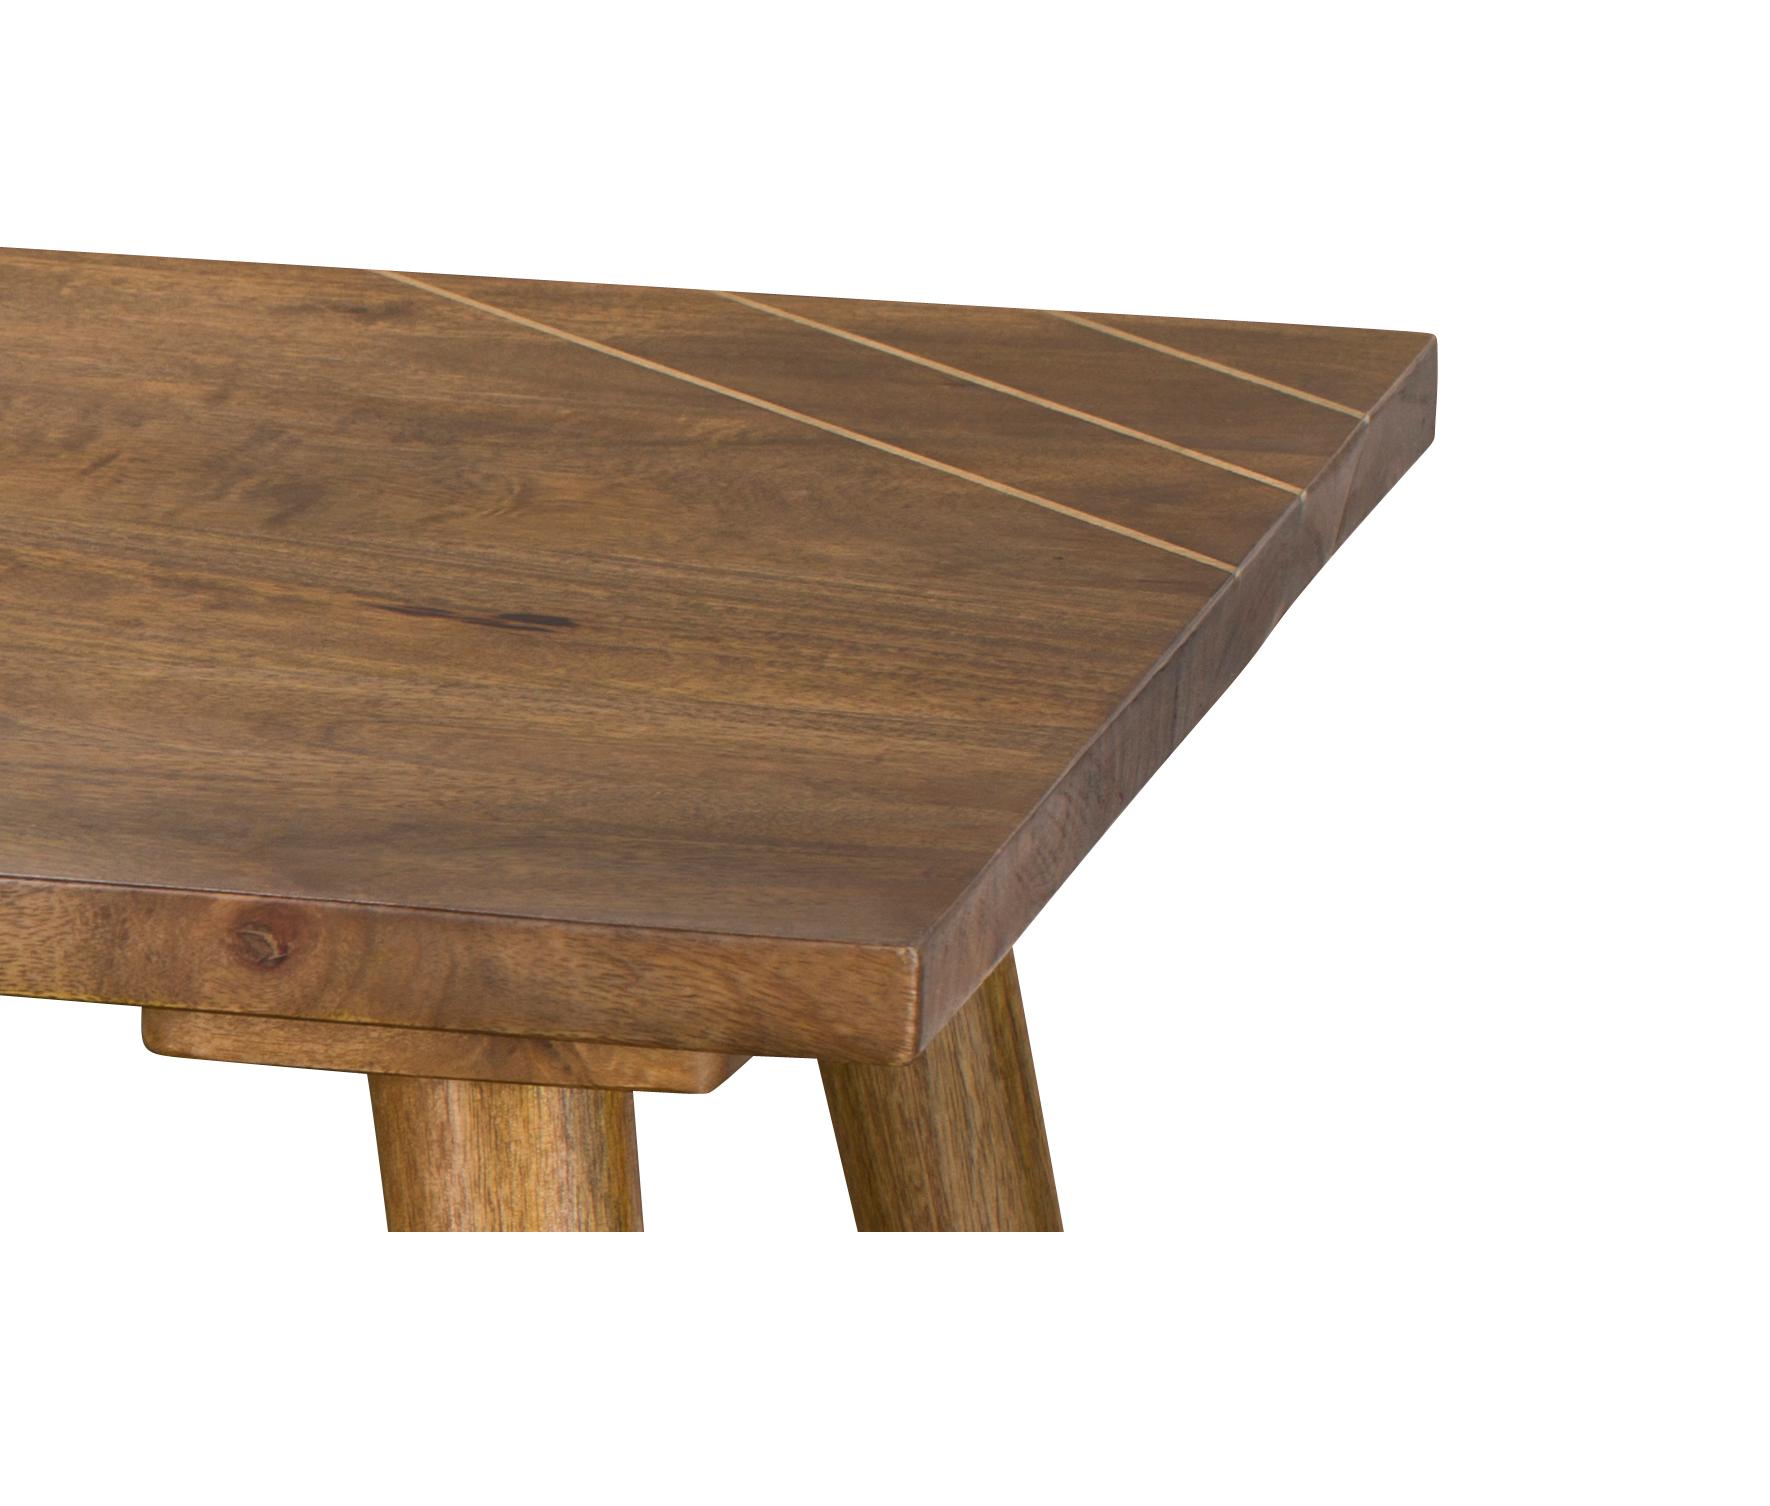 Blaine Dining Table